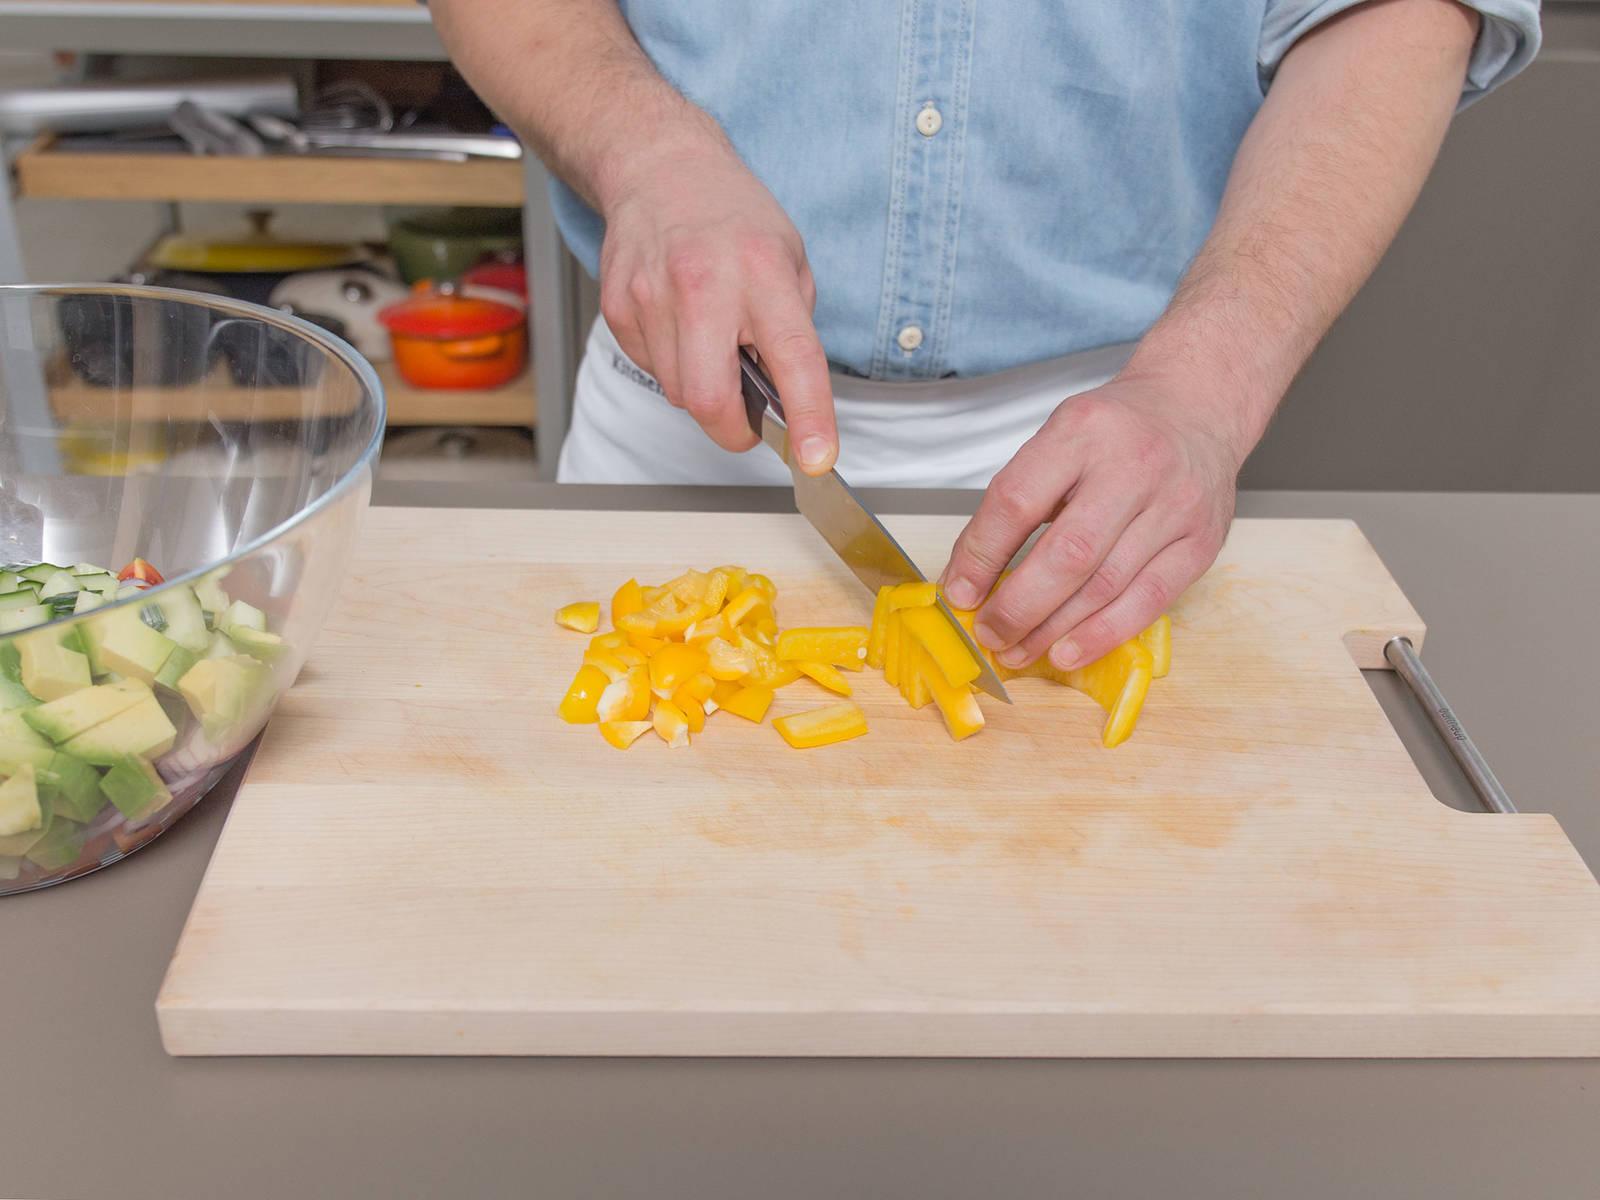 Backofen auf 90°C vorheizen. Radicchio klein schneiden. Rote Zwiebel, Gurke, Avocado, Paprika und Mango würfeln. Cocktailtomaten halbieren. Alles gemeinsam in eine Schüssel geben. Chili fein hacken und dazugeben. Mit Salz und Pfeffer würzen und bis zum Servieren ziehen lassen.